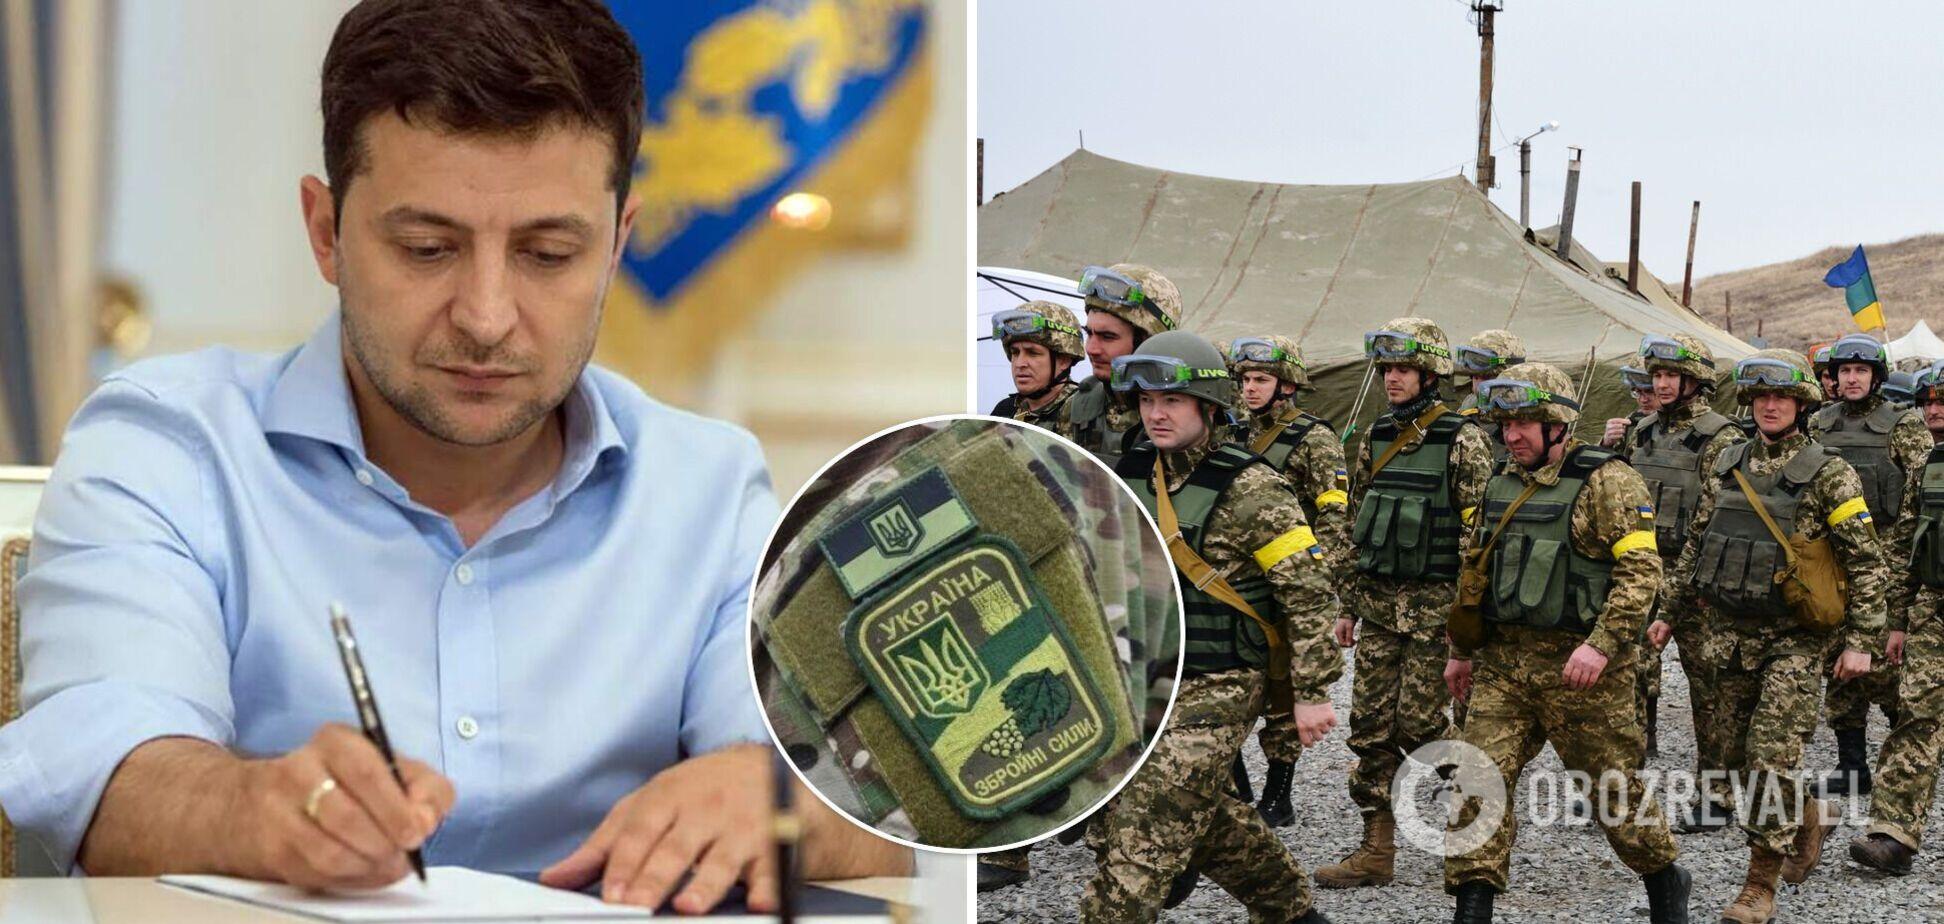 В Україні без мобілізації призиватимуть тих, хто вже відслужив: що гарантують і кому загрожує покарання